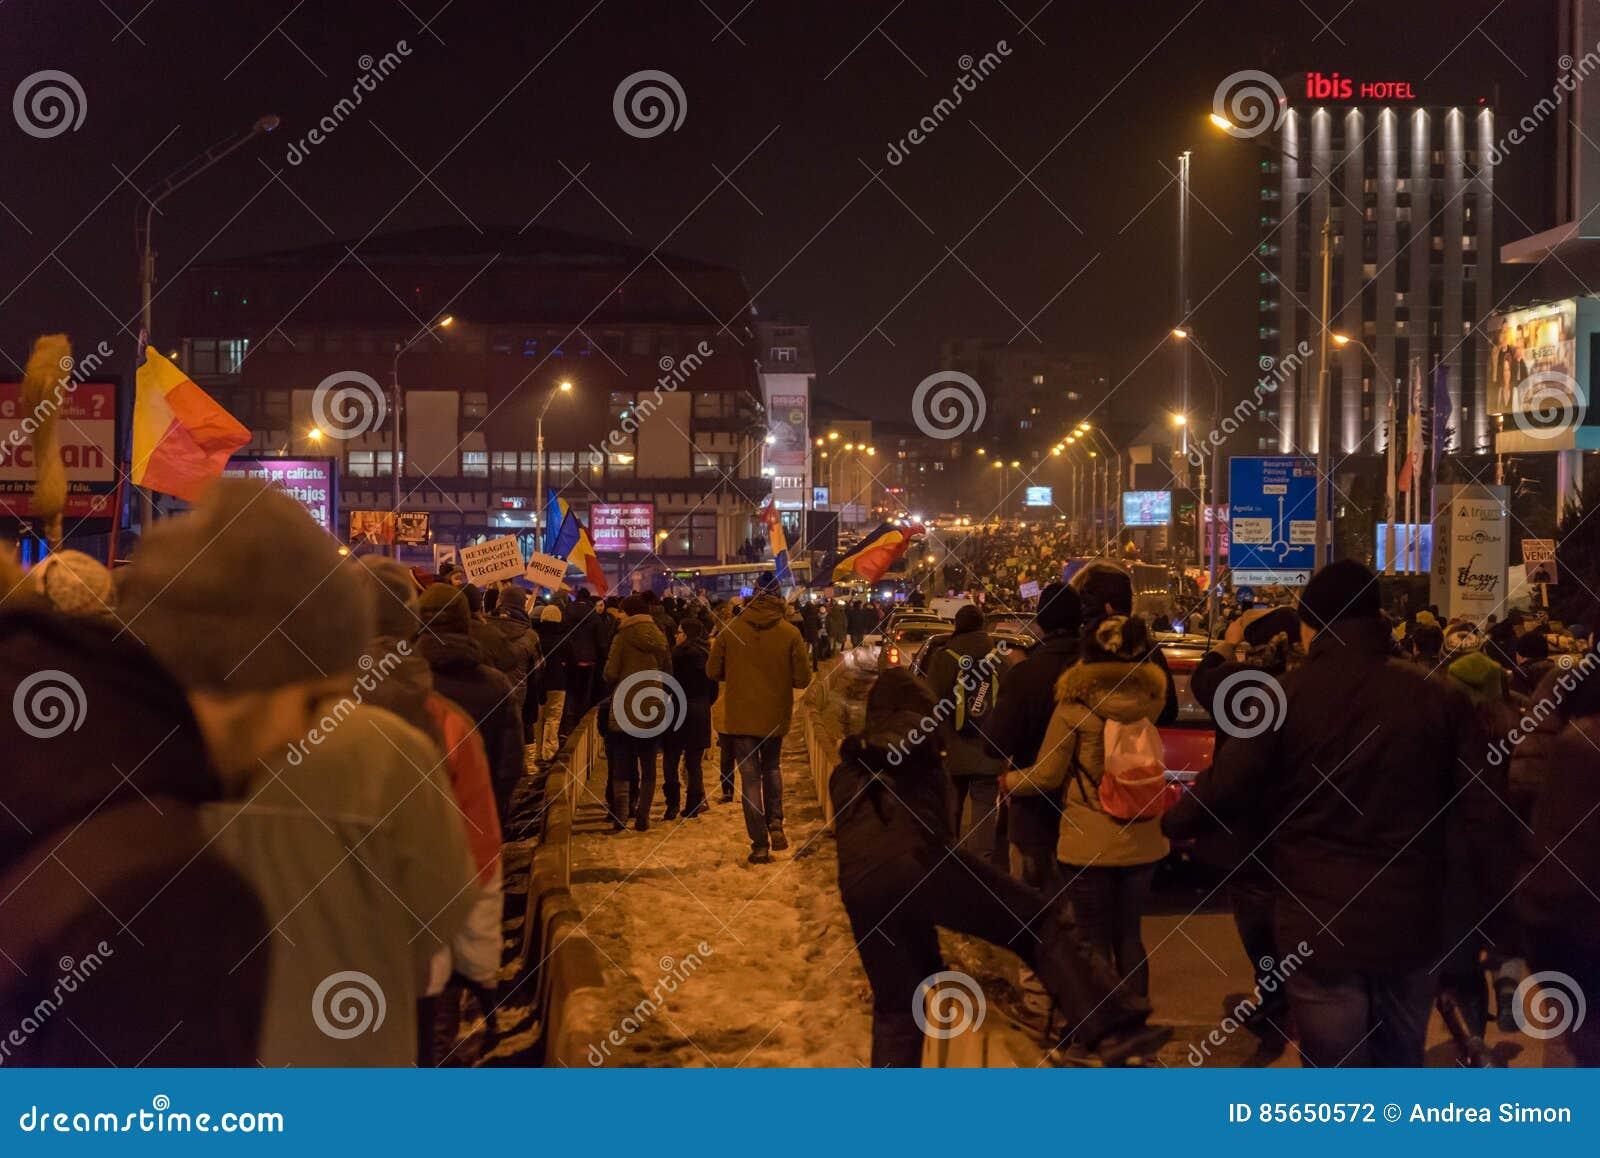 Romanians protest against corruption decree